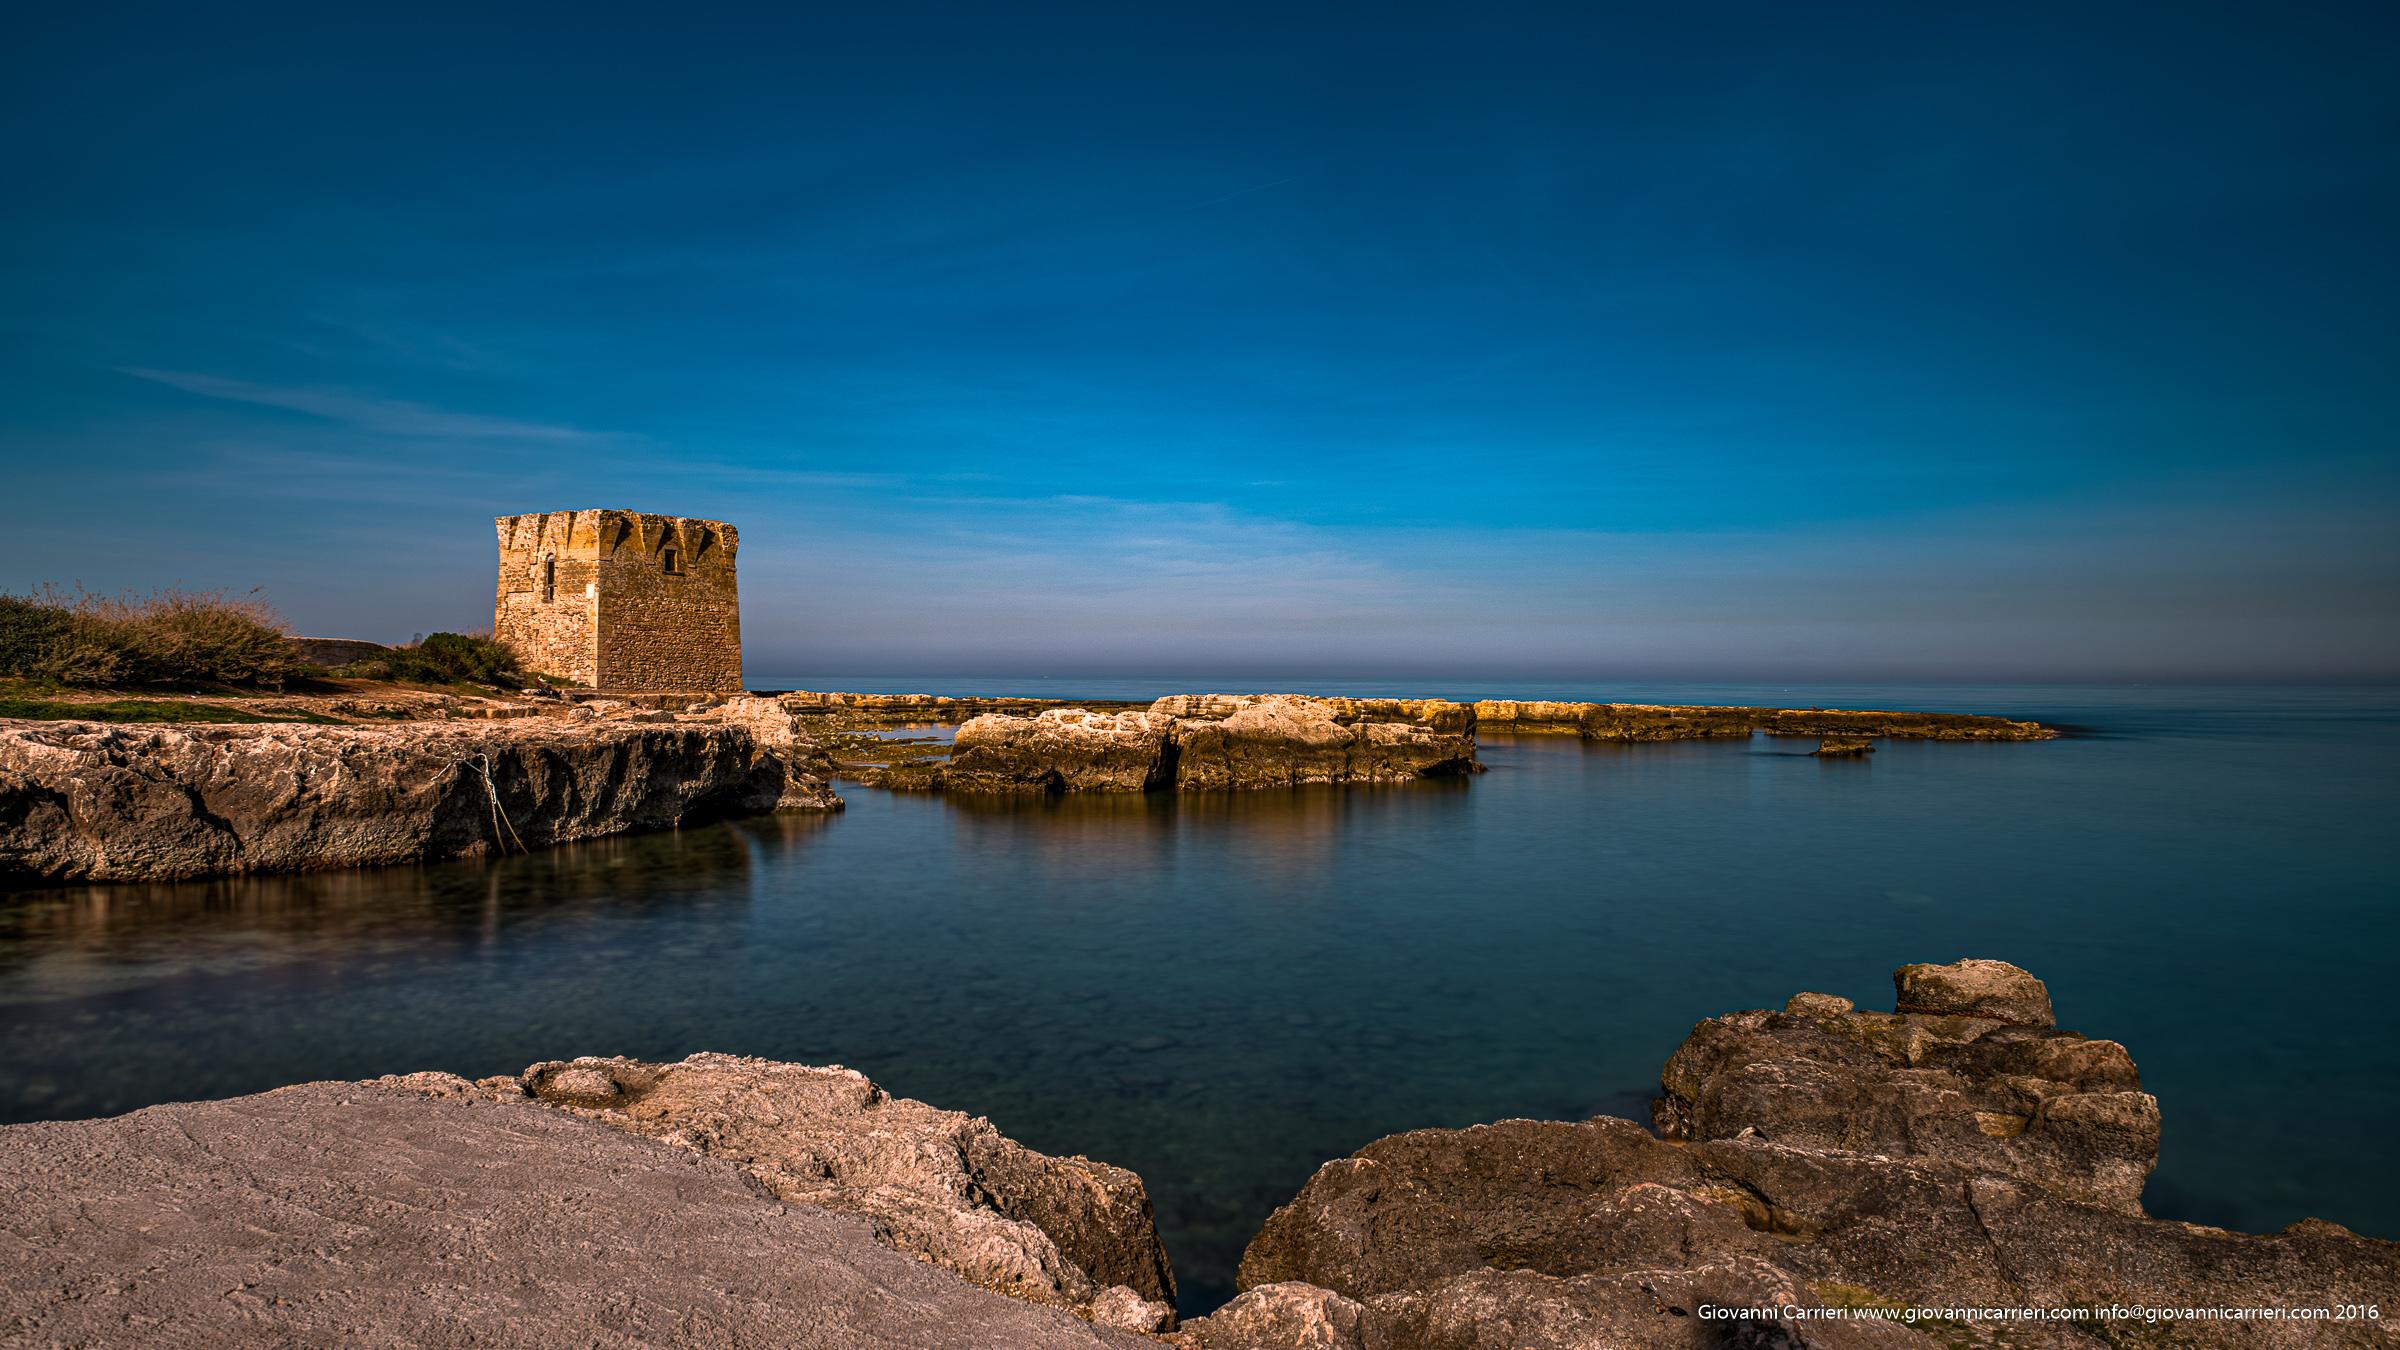 La torre saracena di Polignano a Mare posta a difesa dell'abbazia di San Vito